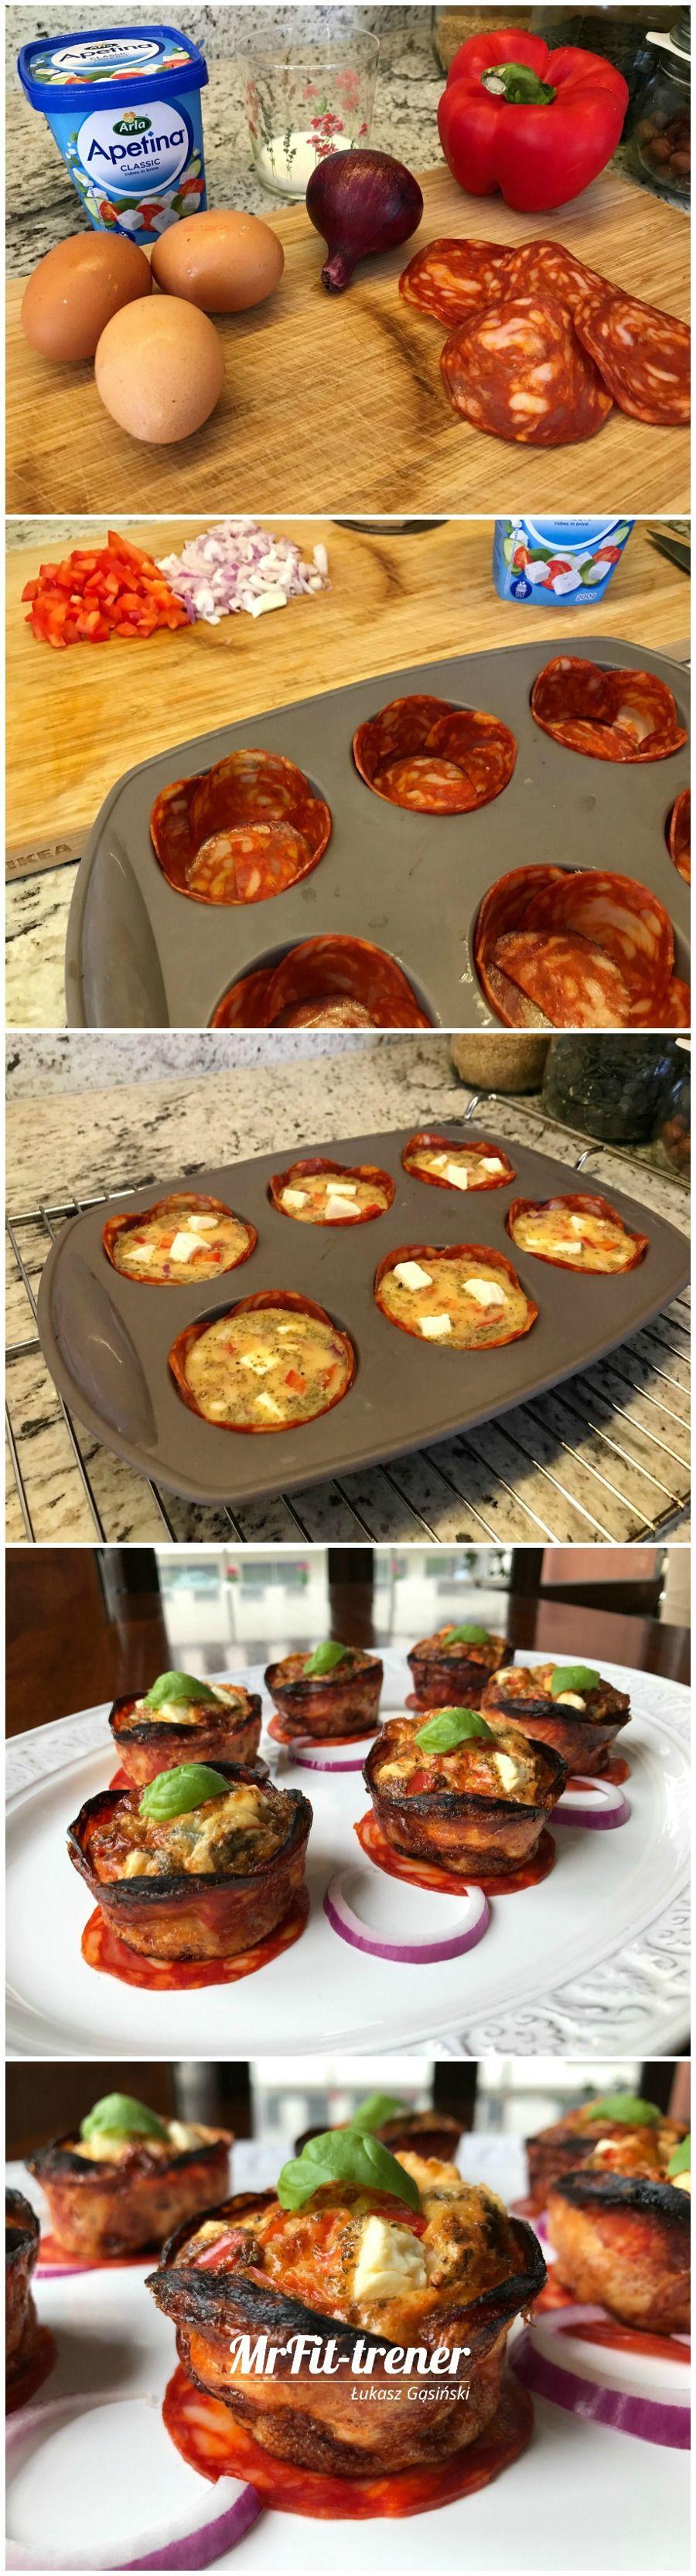 Bialkowo Tluszczowe Muffiny O Smaku Pizzy Przepisy Fit Trener Personalny Mcfit Warszawa Lukasz Gasinski Food Breakfast Chef